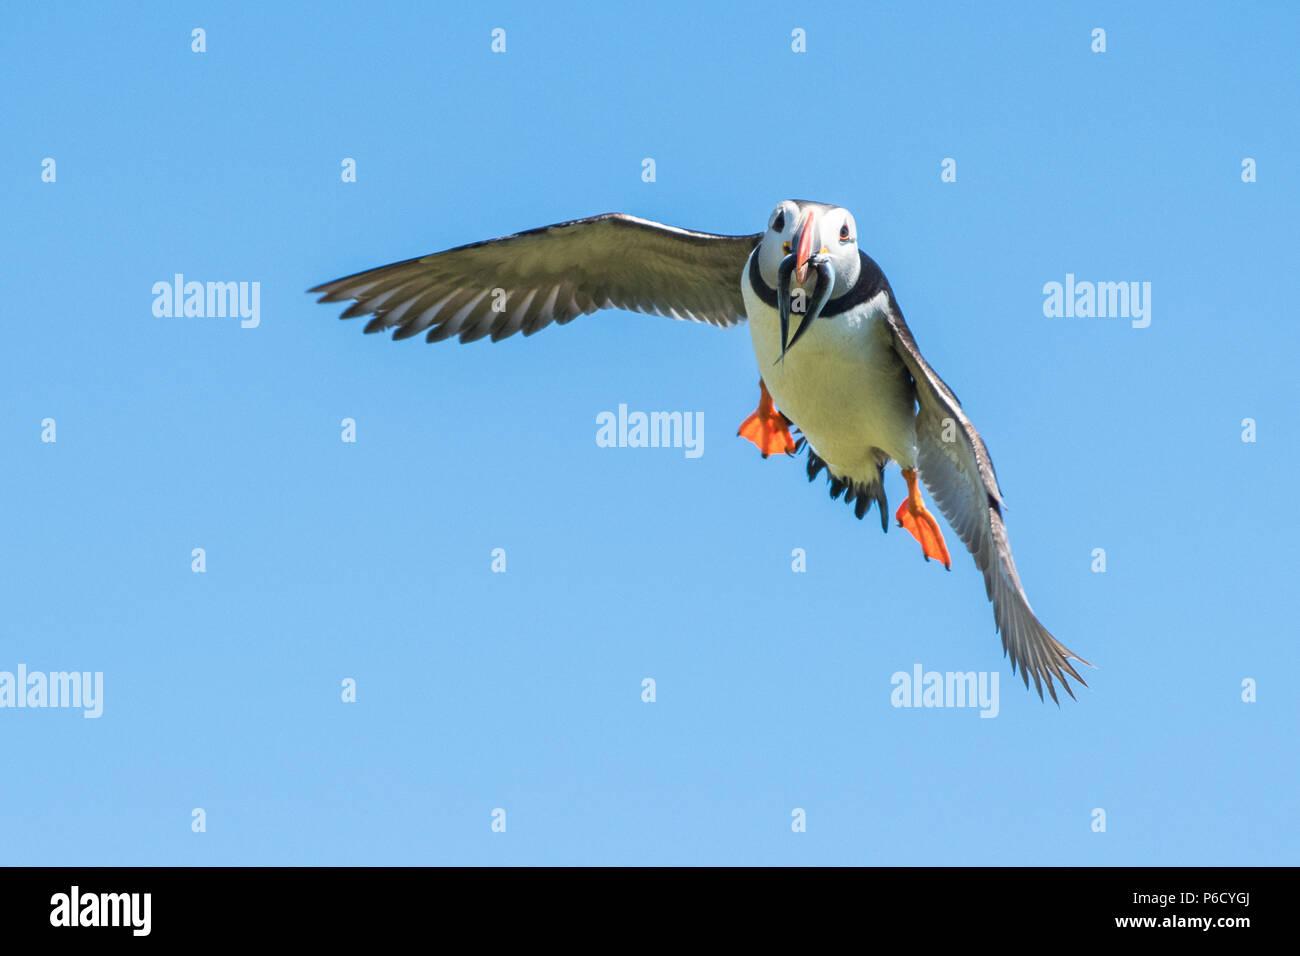 - Atlántico PUFFIN Puffin - volando con el pico lleno de anguilas de arena pescados - Fratercula arctica - en vuelo, Isla de Mayo, Scotland, Reino Unido Foto de stock